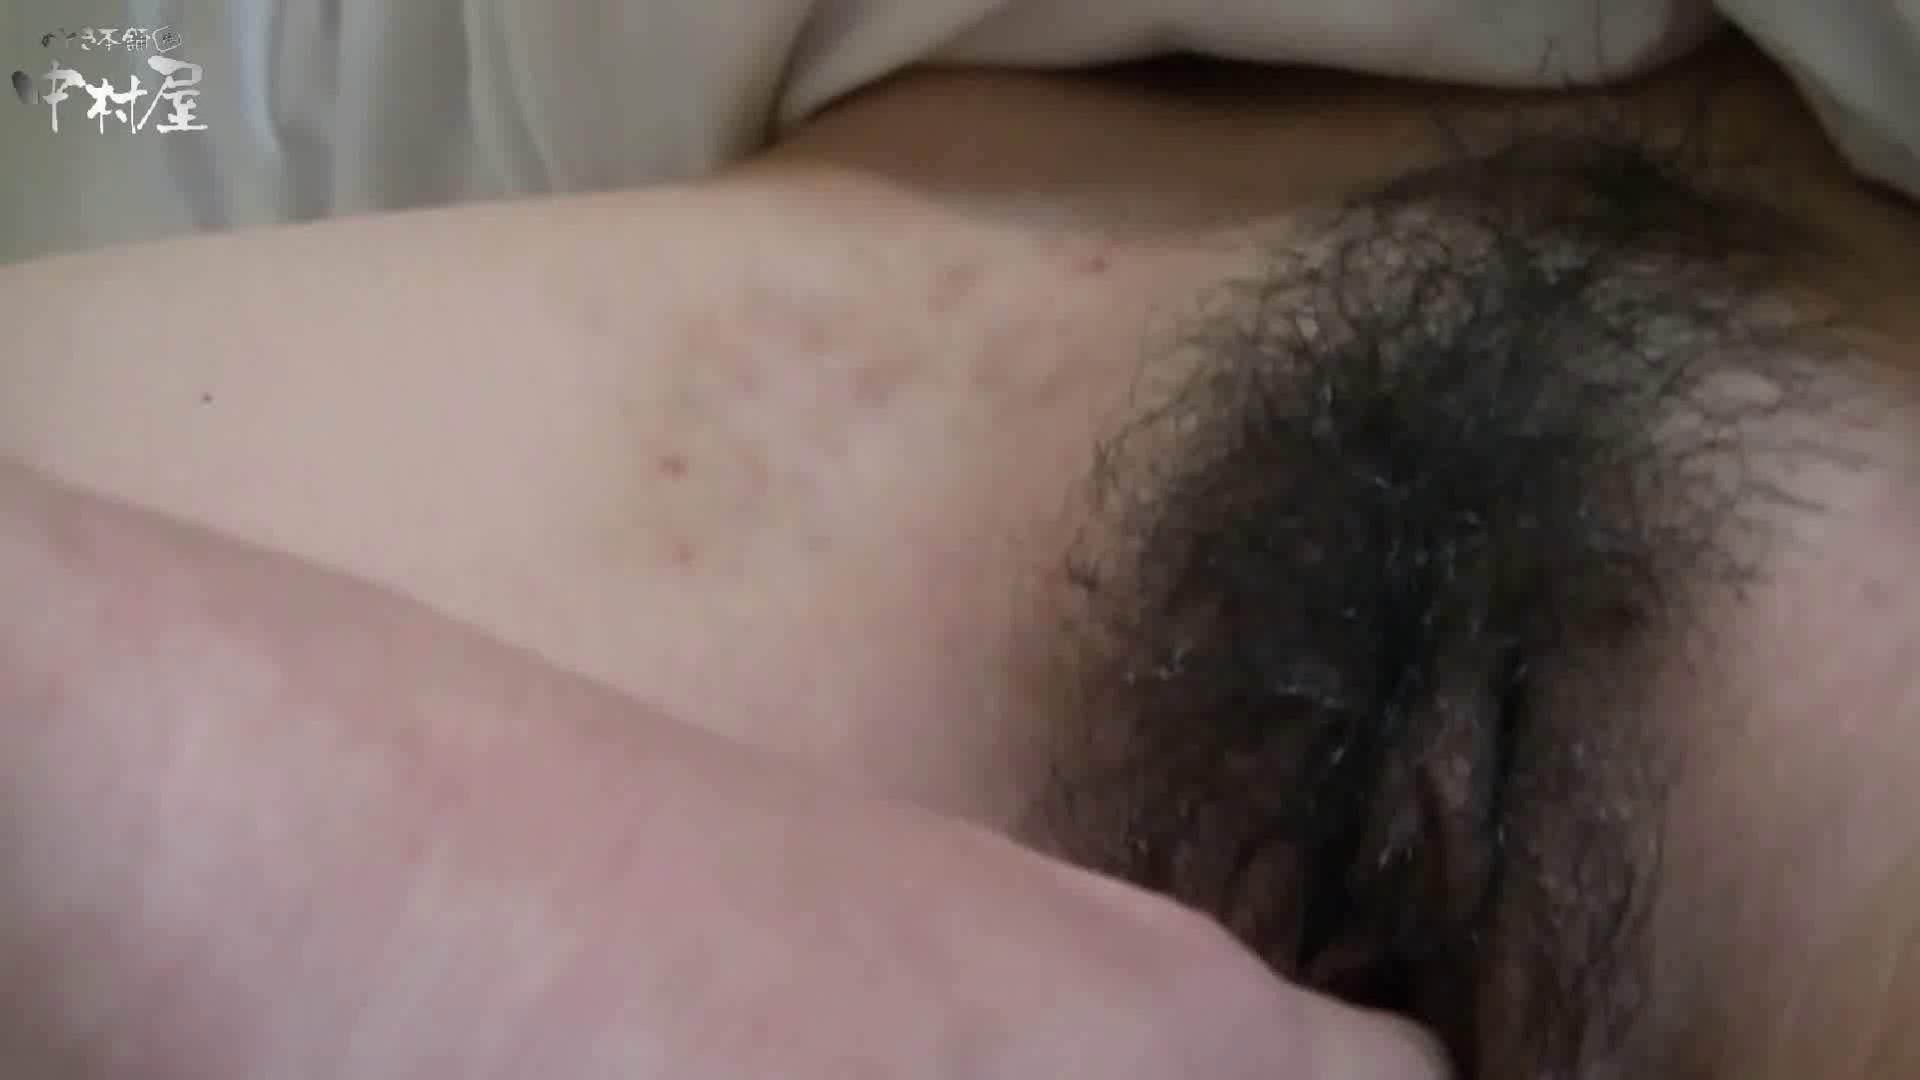 ネムリ姫 vol.40 後編 ギャルのエロ動画 おまんこ無修正動画無料 103PIX 82